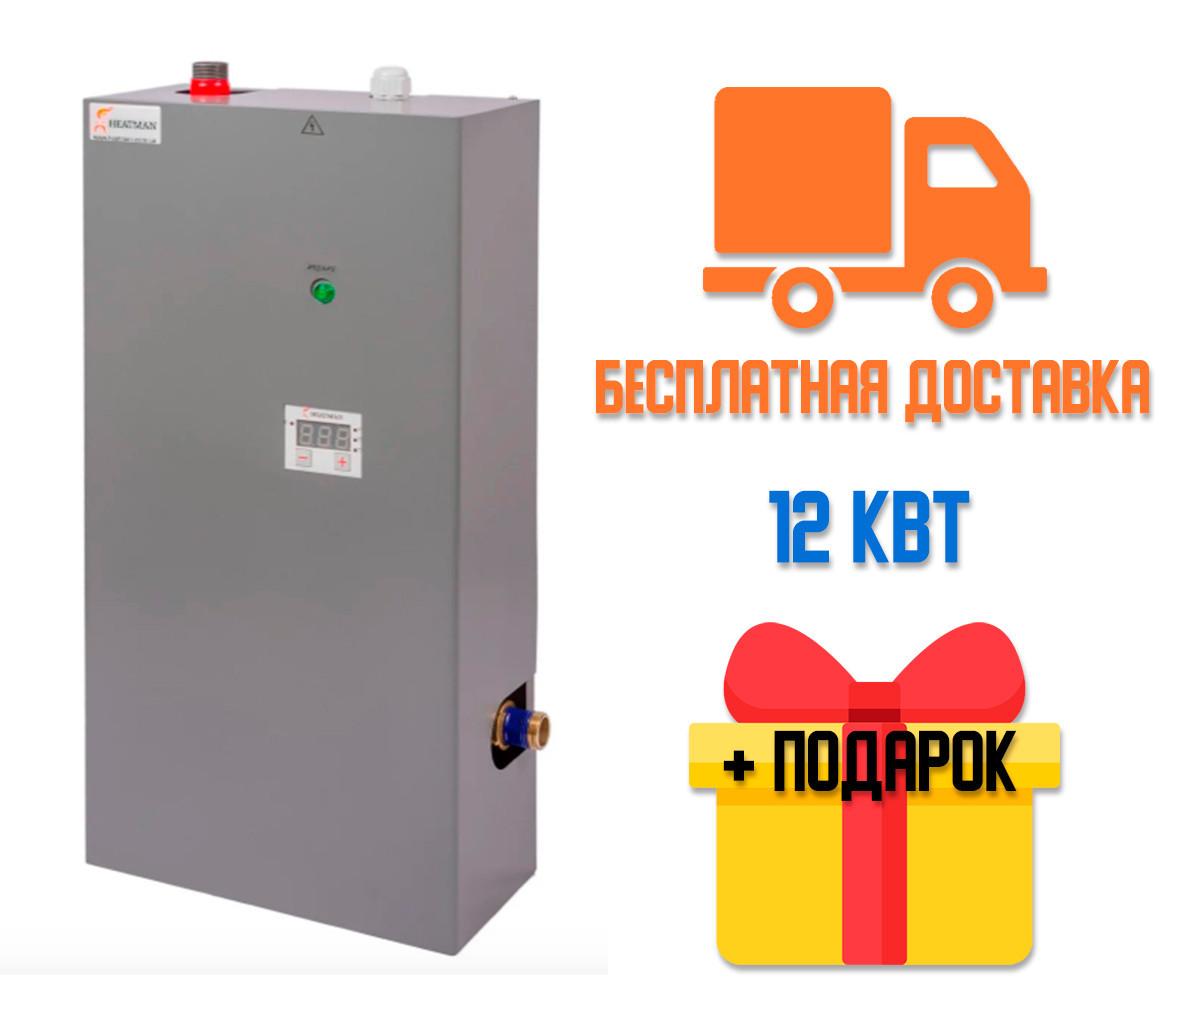 Котел электрический Heatman c насосом 12 кВт